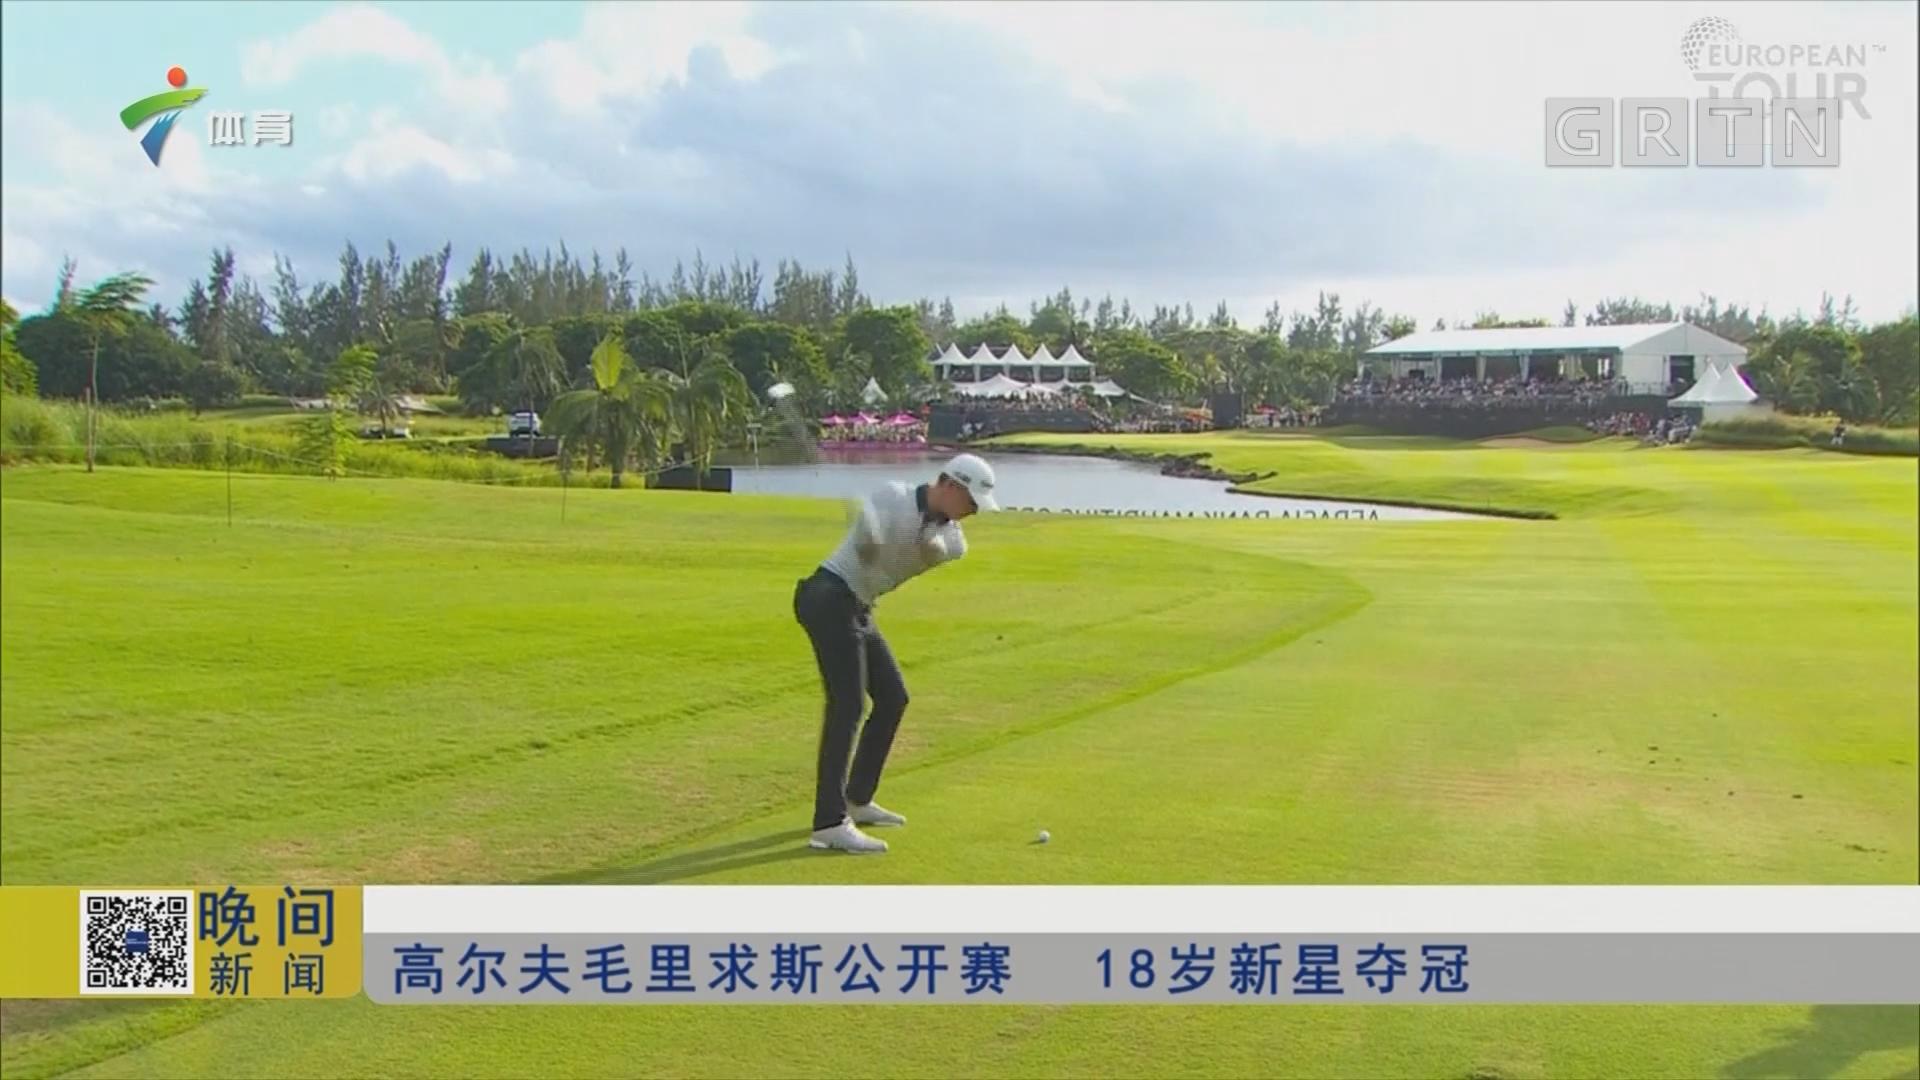 高尔夫毛里求斯公开赛 18岁新星夺冠